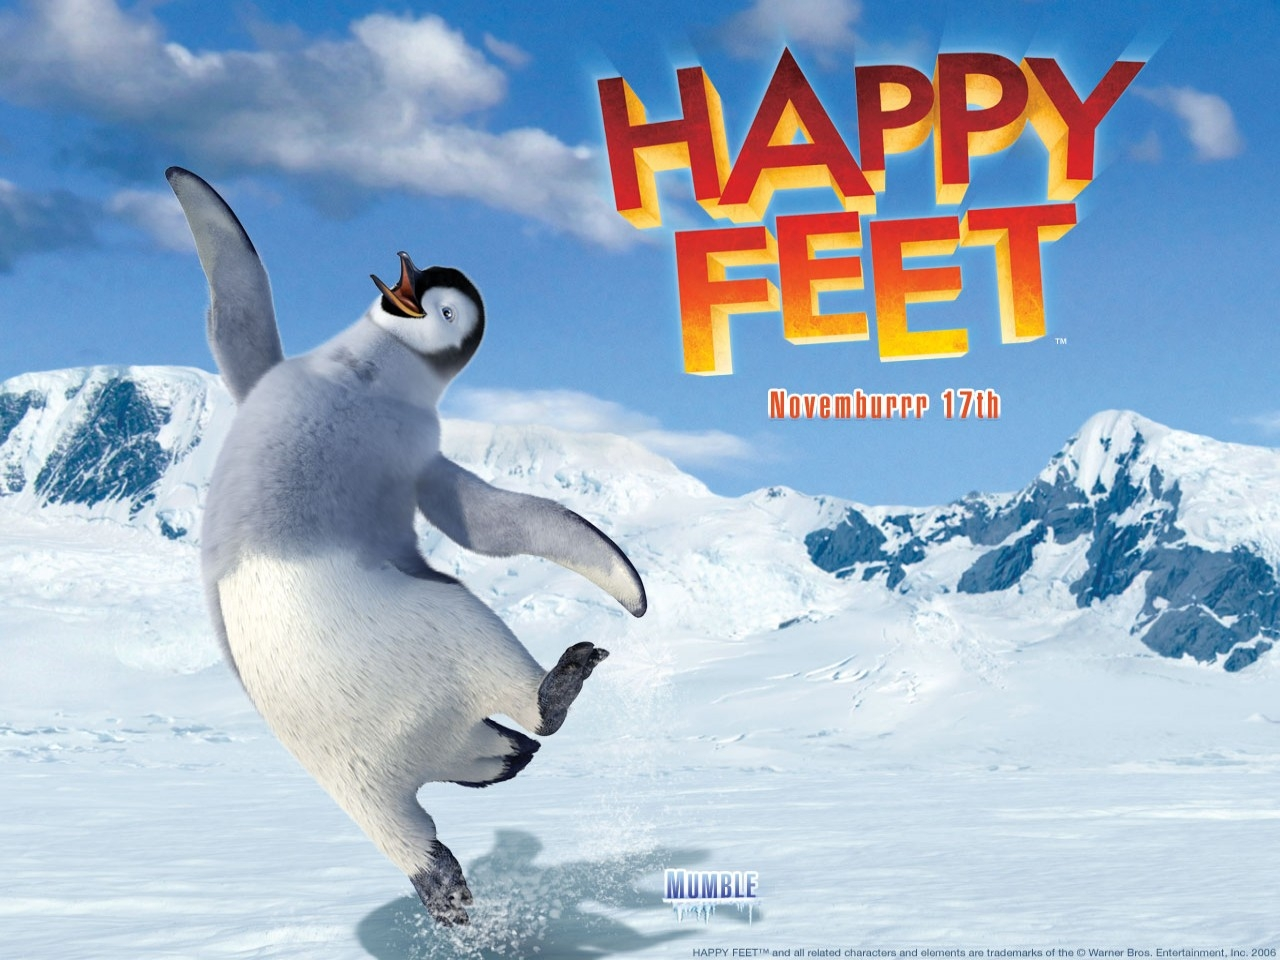 Wallpaper del cartoon Happy Feet diretto da G. Miller nel 2007